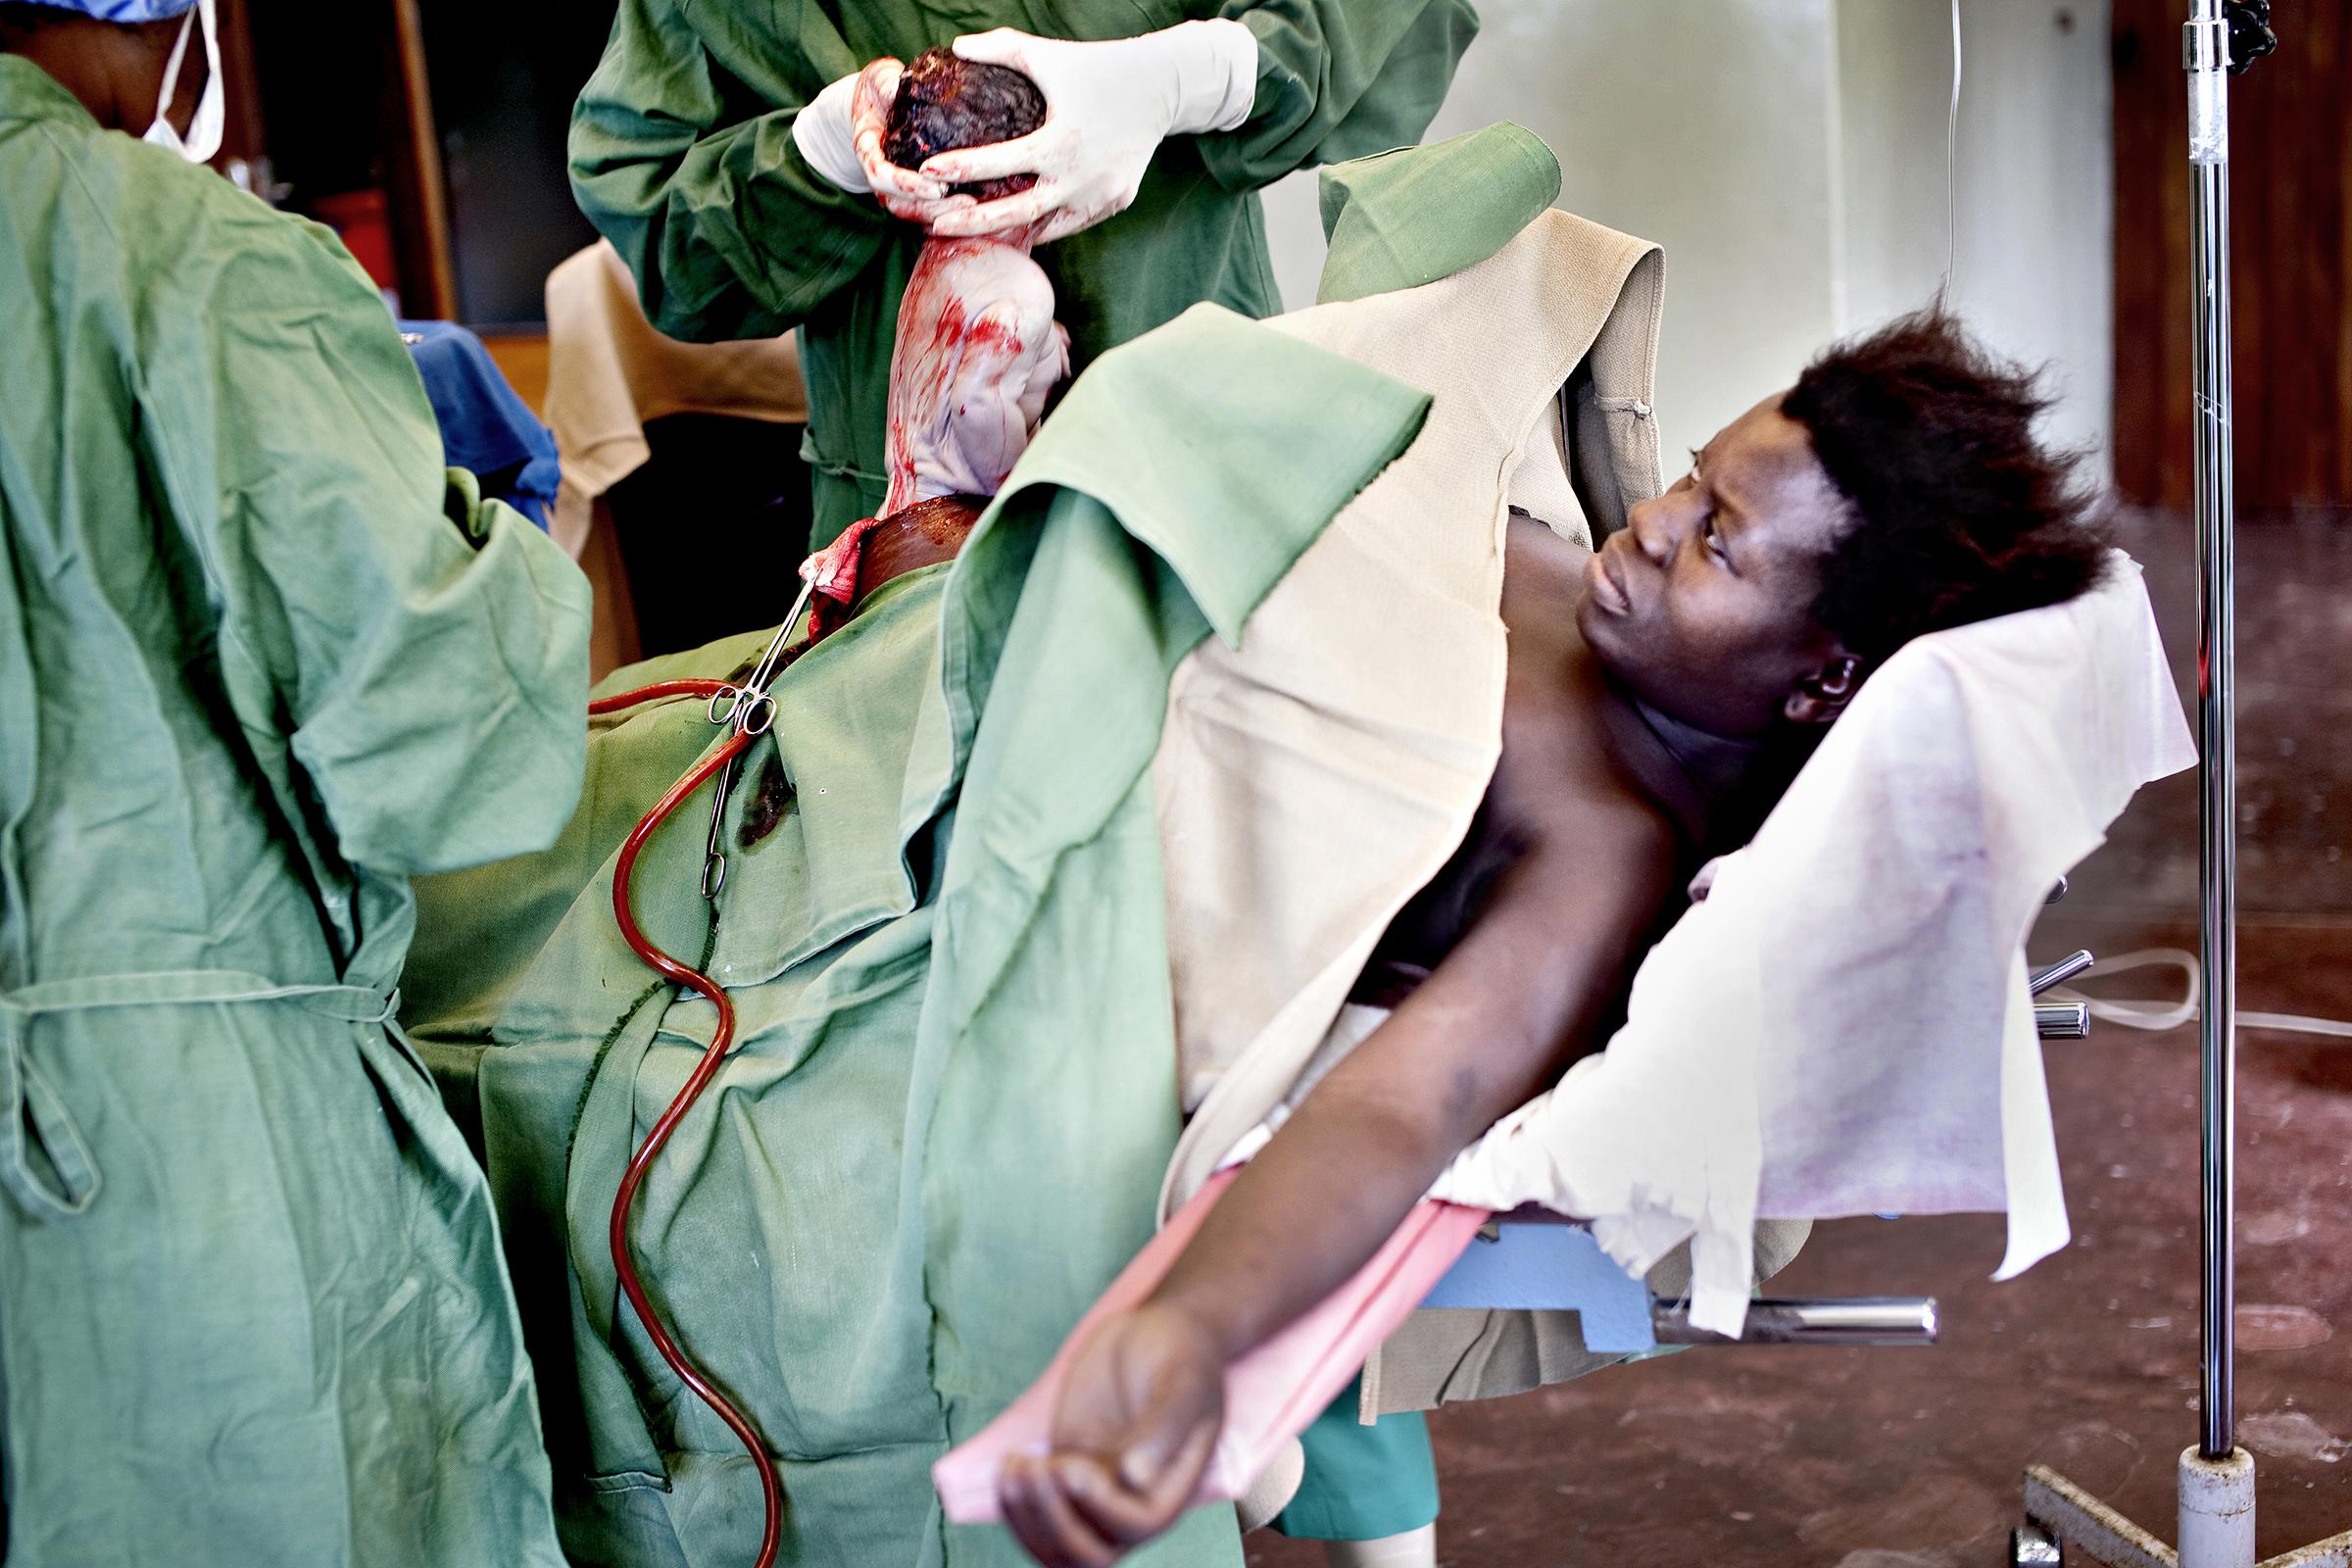 St. Joseph's Hospital, Chiradzulu, Malawi, 2010: Chrissy Andrew er heldigvis på et sykehus hvor de kan gjennomføre keisersnitt når fødselen ikke går av seg selv. Kun seks prosent av hennes malawiske medsøstre har lege til stede under fødsel. Over 99 prosent av dem som dør av svangerskapsrelaterte komplikasjoner bor i fattige land.